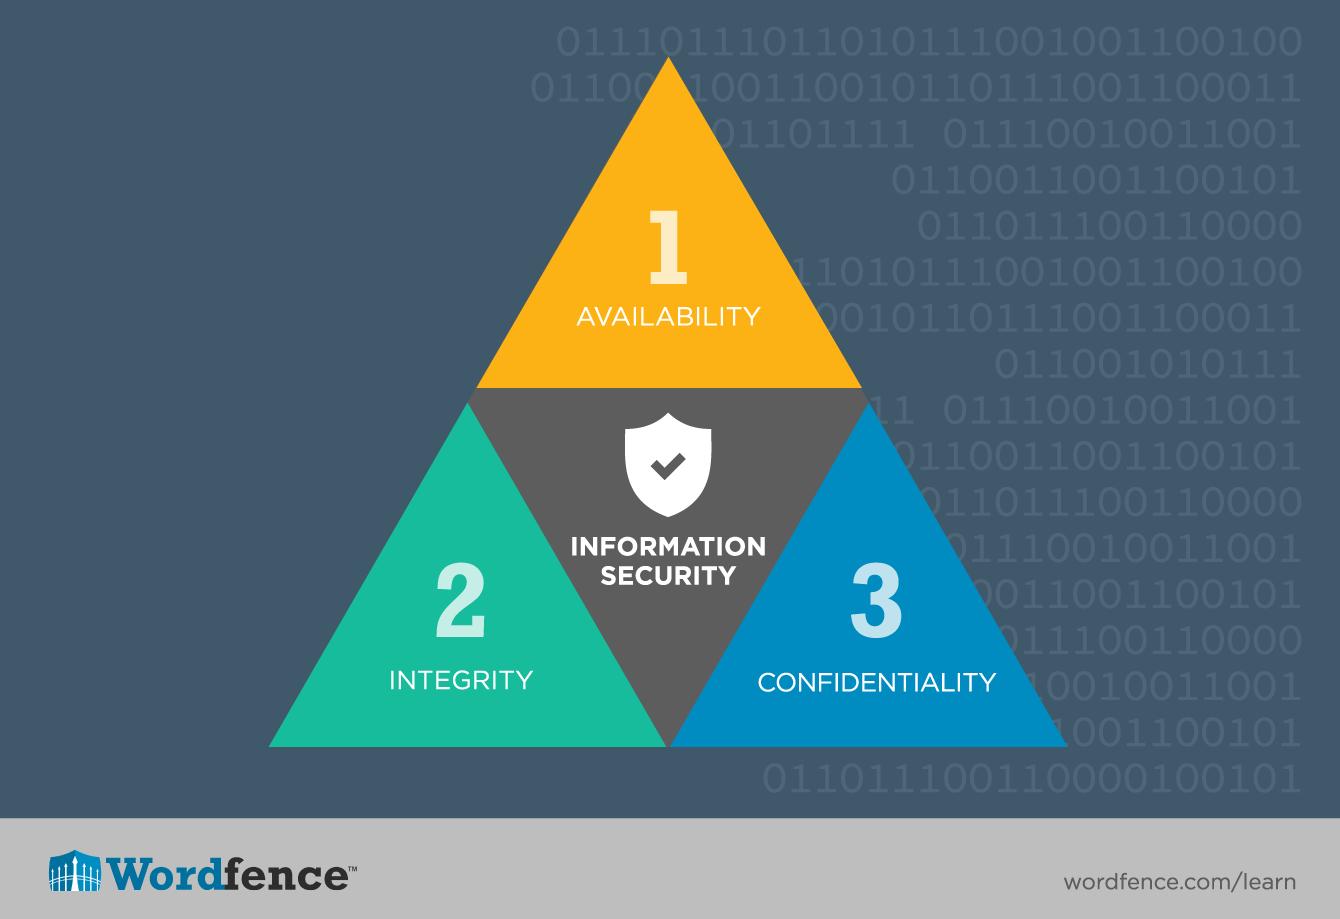 Database Level Security